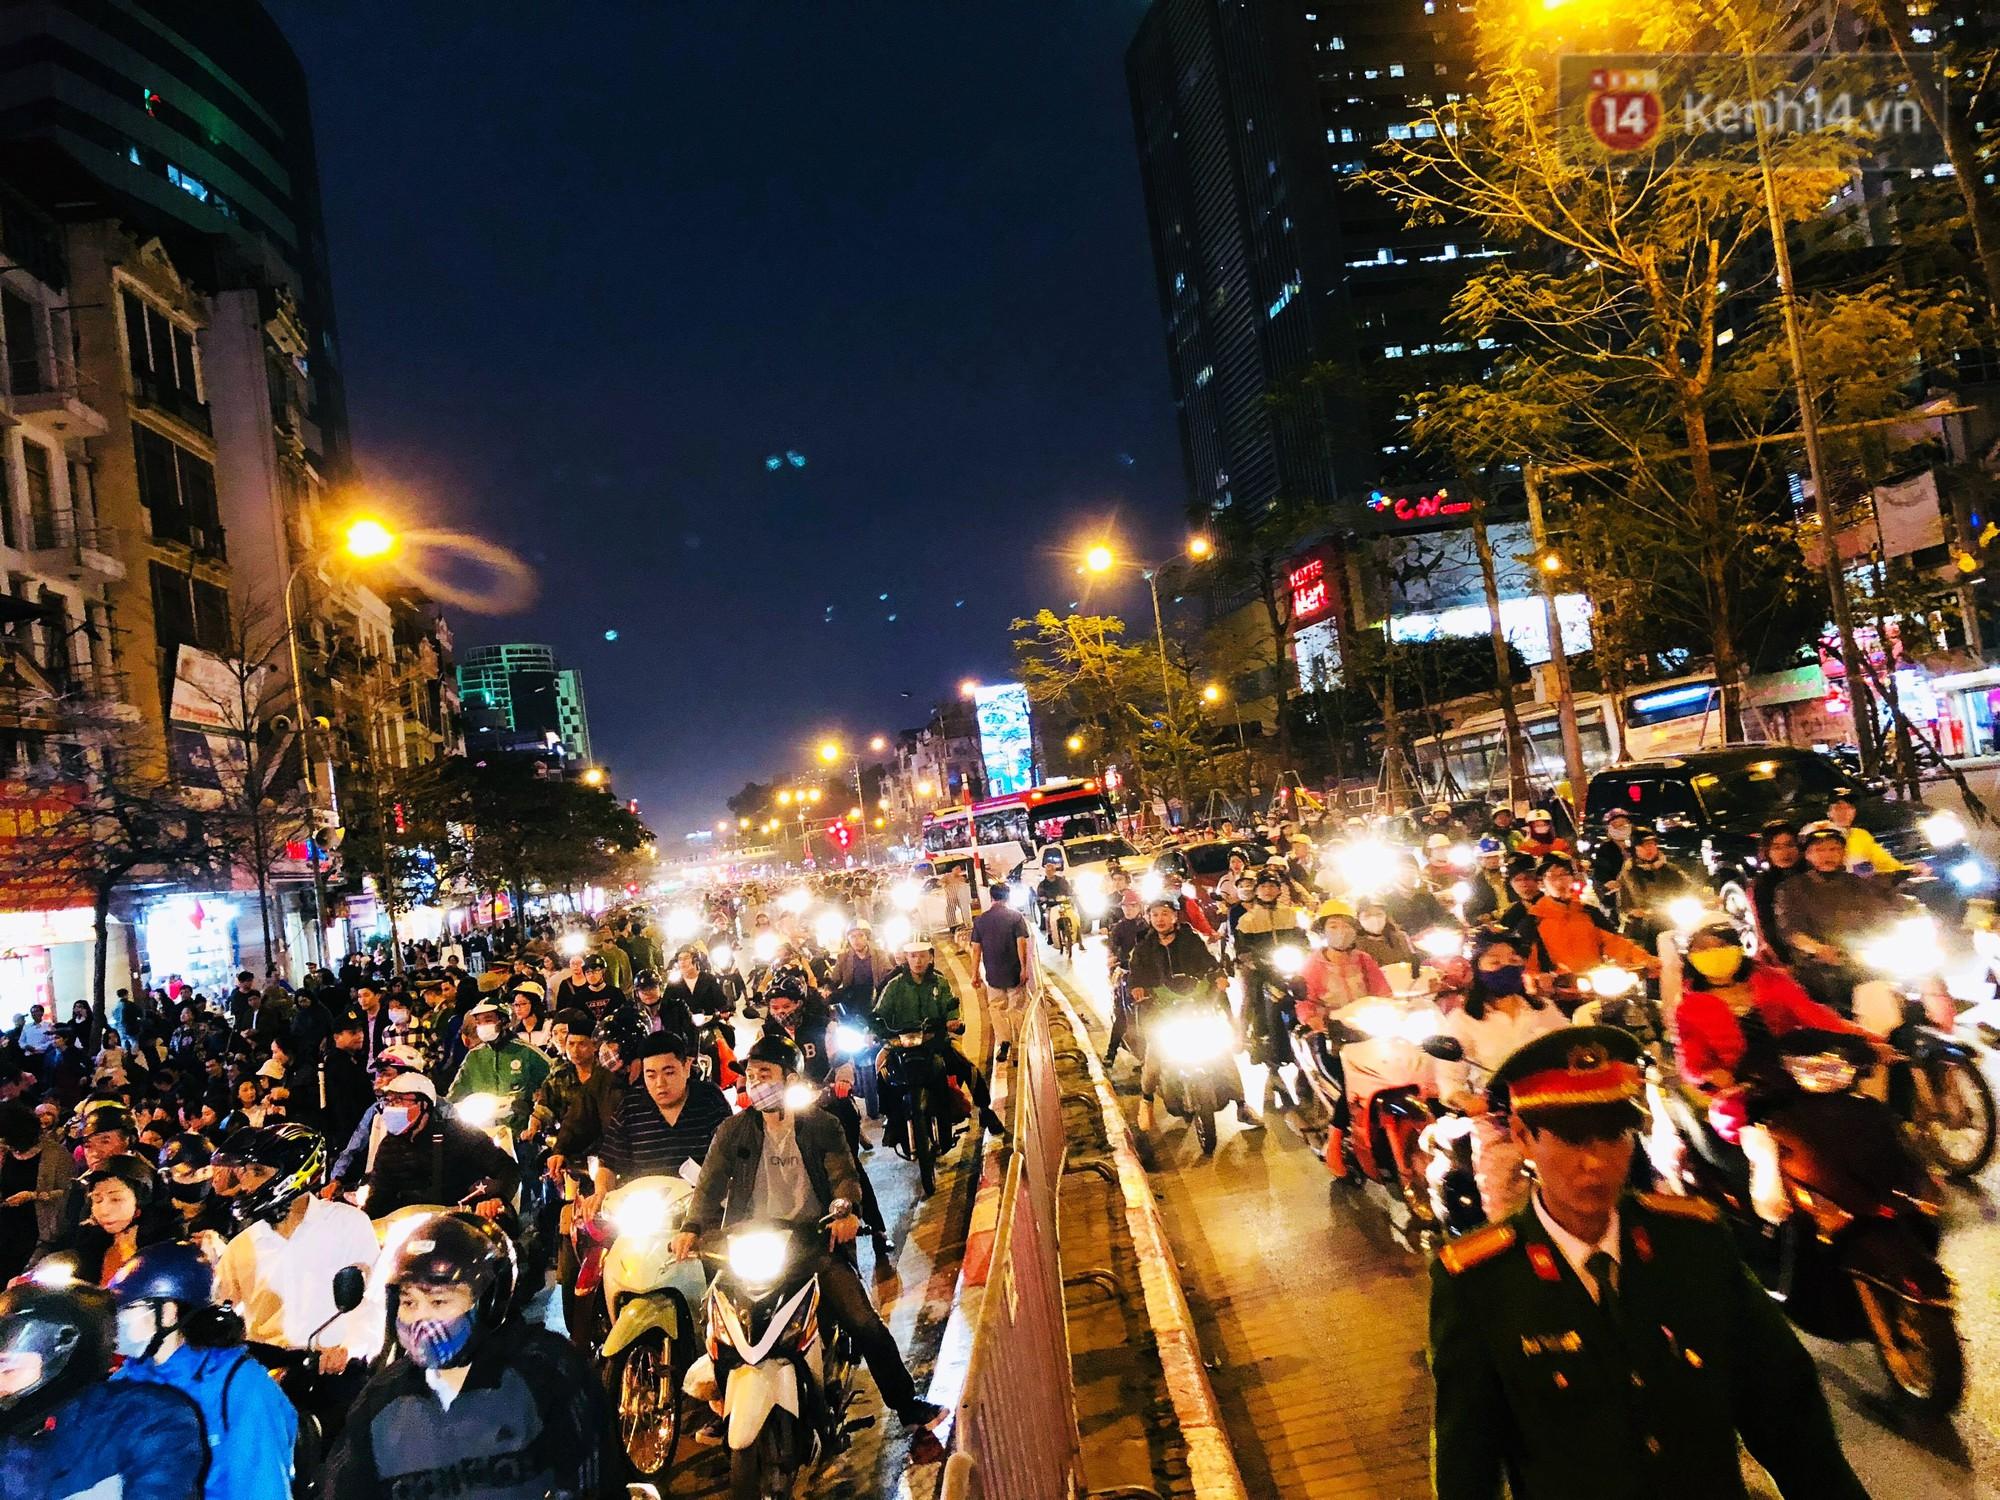 Cấm 1 làn đường trước chùa Phúc Khánh cho người dân ngồi dự lễ cầu an lớn nhất năm 25